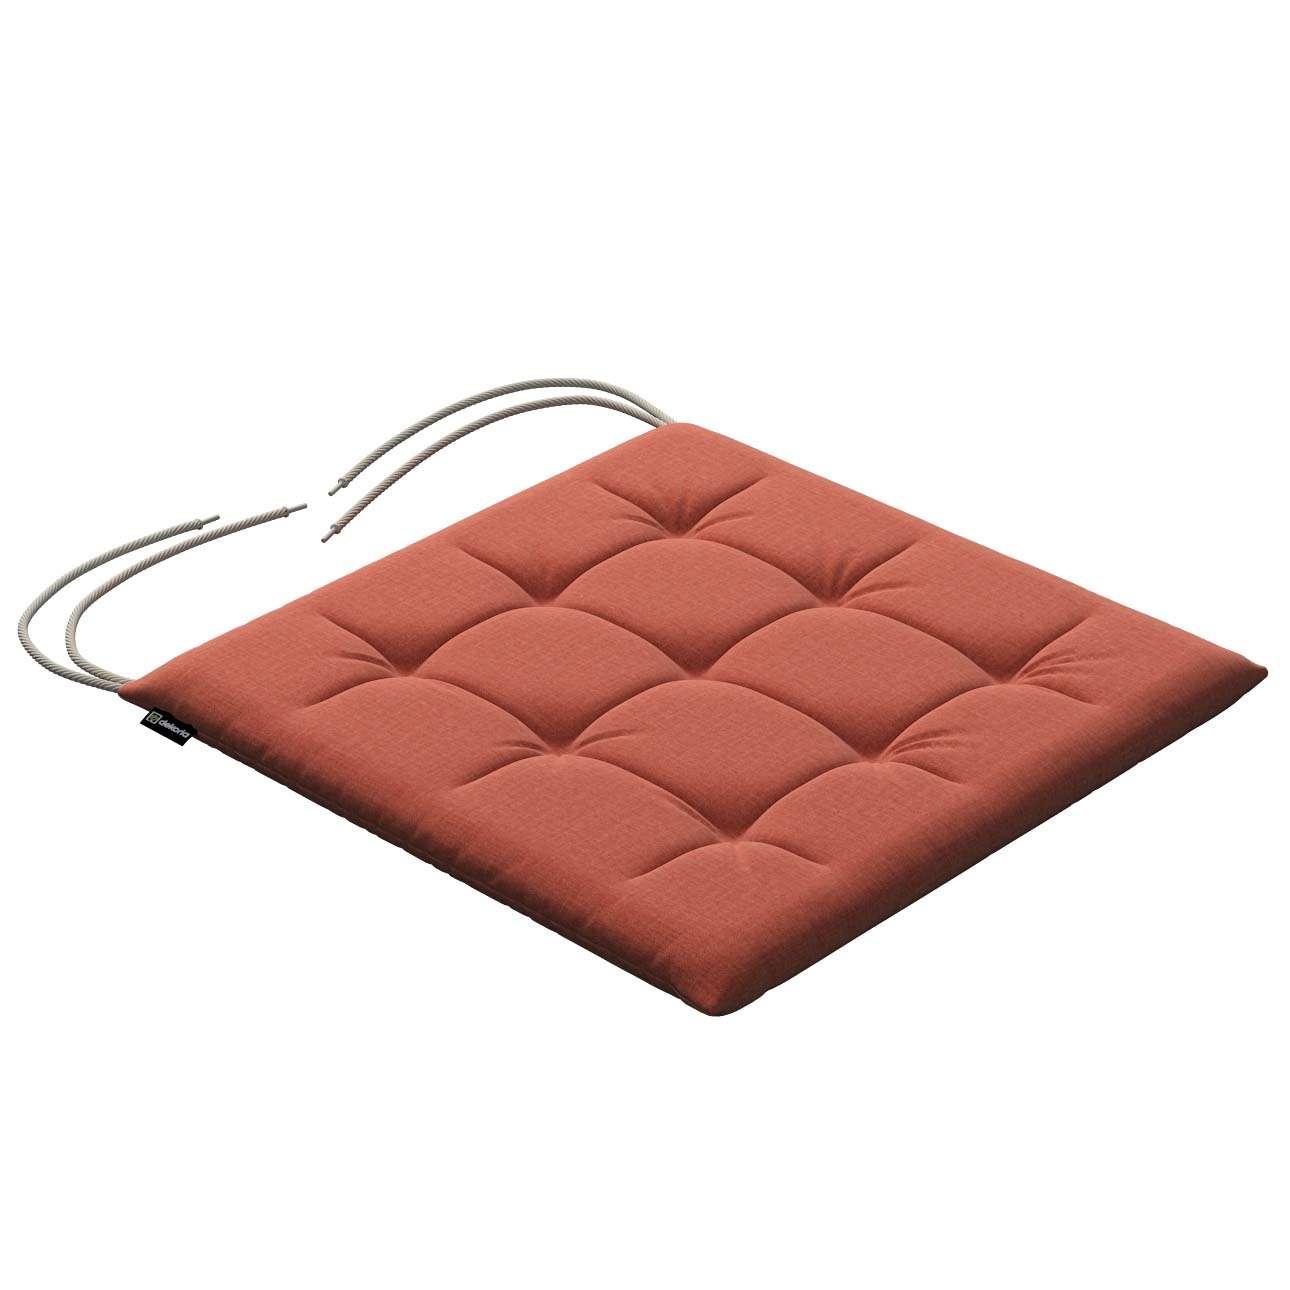 Siedzisko Karol na krzesło w kolekcji Ingrid, tkanina: 705-37